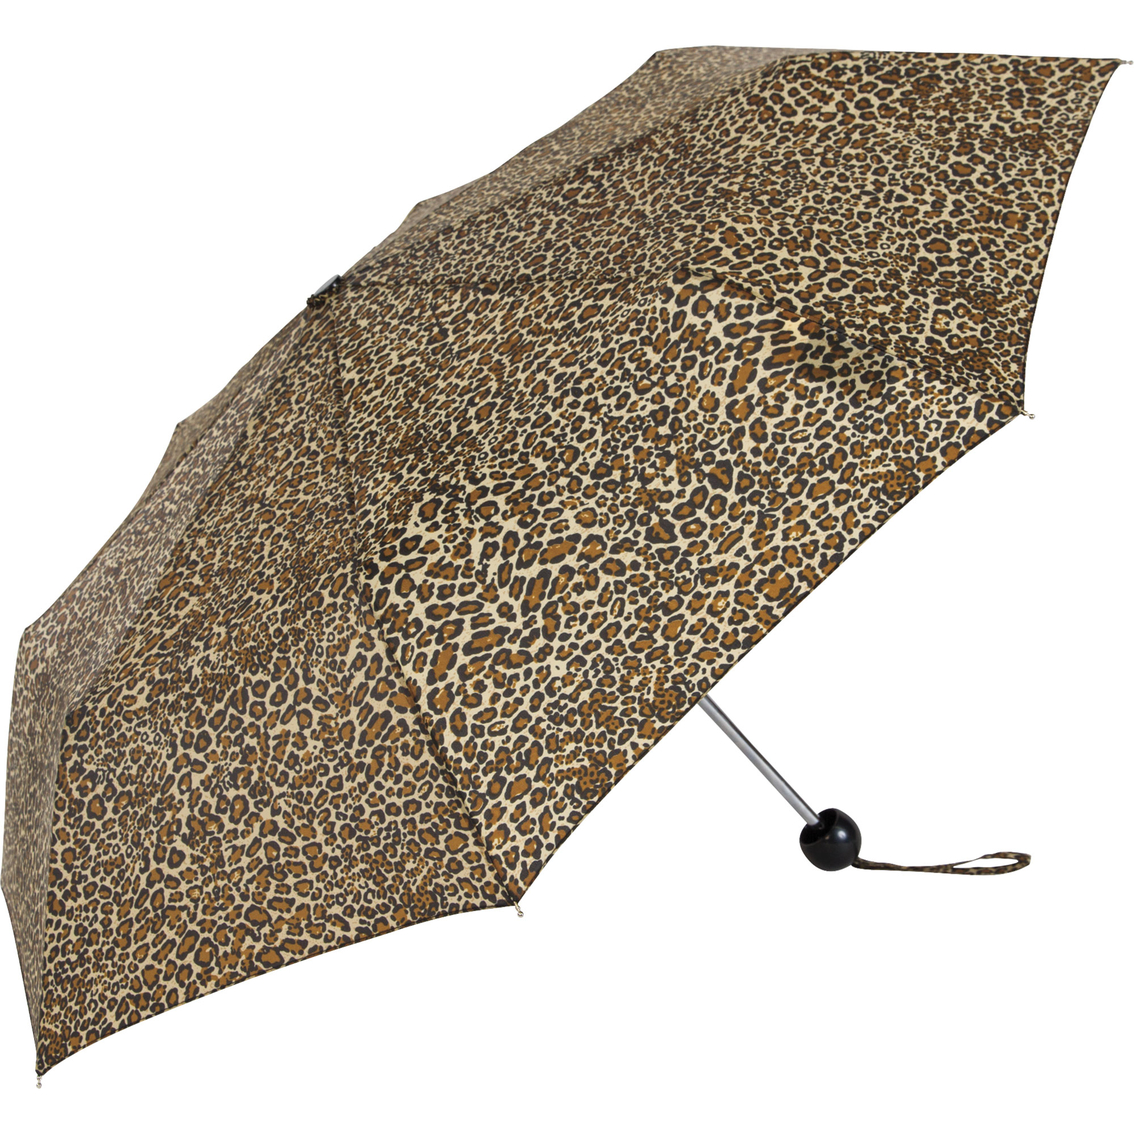 c4f14afa80 Shedrain Rain Essentials Manual Mini Umbrella   Umbrellas   Handbags ...